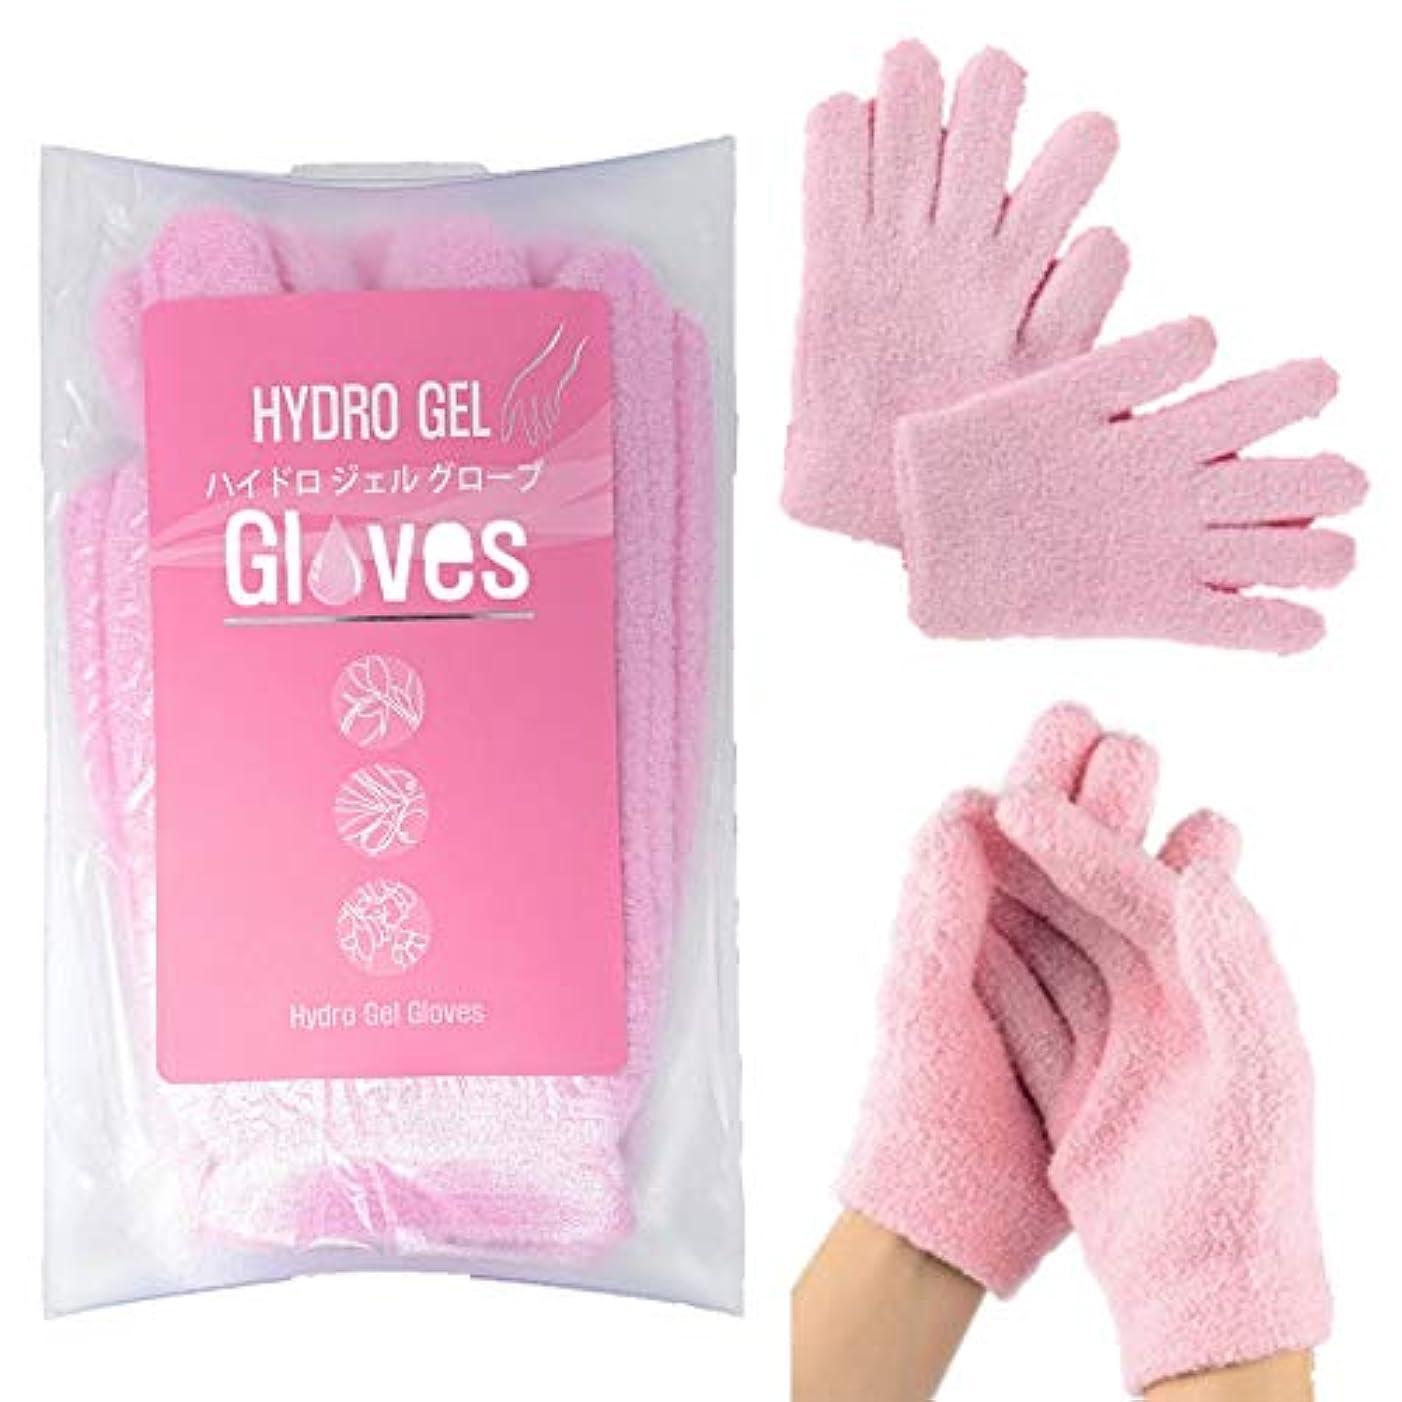 カポック西辞任美容 保湿 手袋 Mediet ハイドロ ジェル グローブ フリーサイズ 肌のカサカサ 痒み 防止 緩和